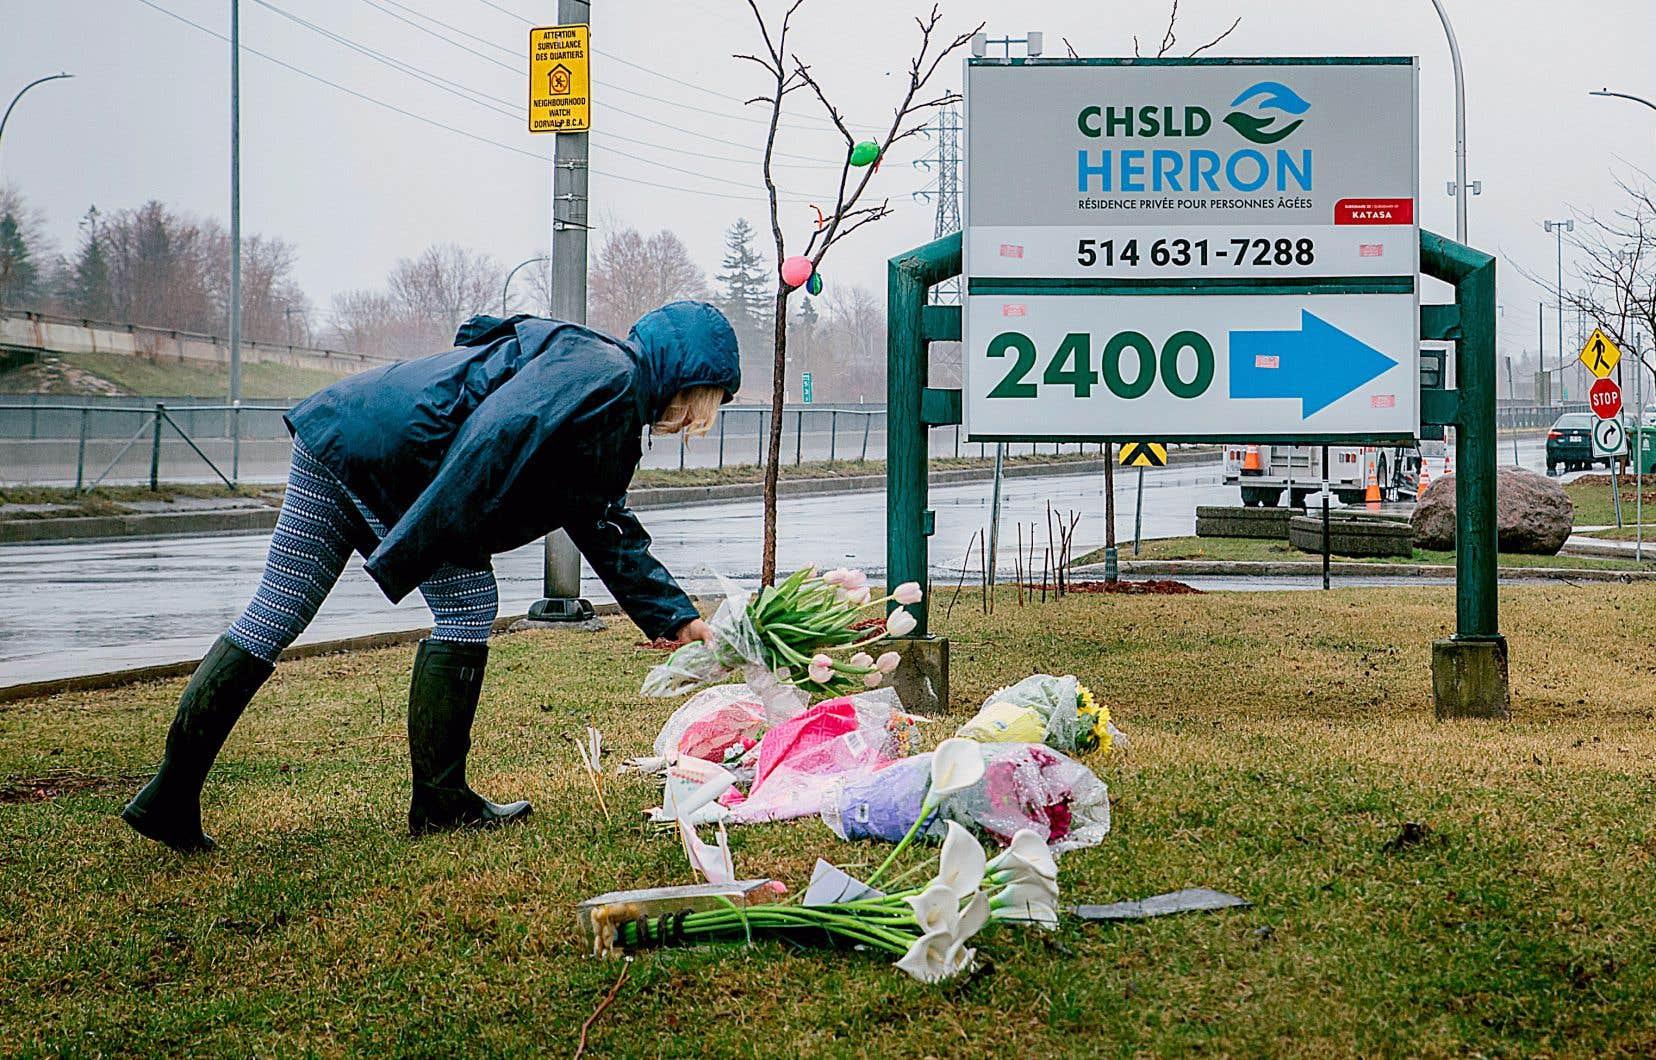 On trouve une très grande concentration de CHSLD et de résidences pour aînés sur les îles de Montréal et de Laval, où l'épidémie a frappé le plus fort. Daphnee Phillips, une résidente du voisinage, dépose une gerbe de fleurs devant le CHSLD Heron à Dorval.